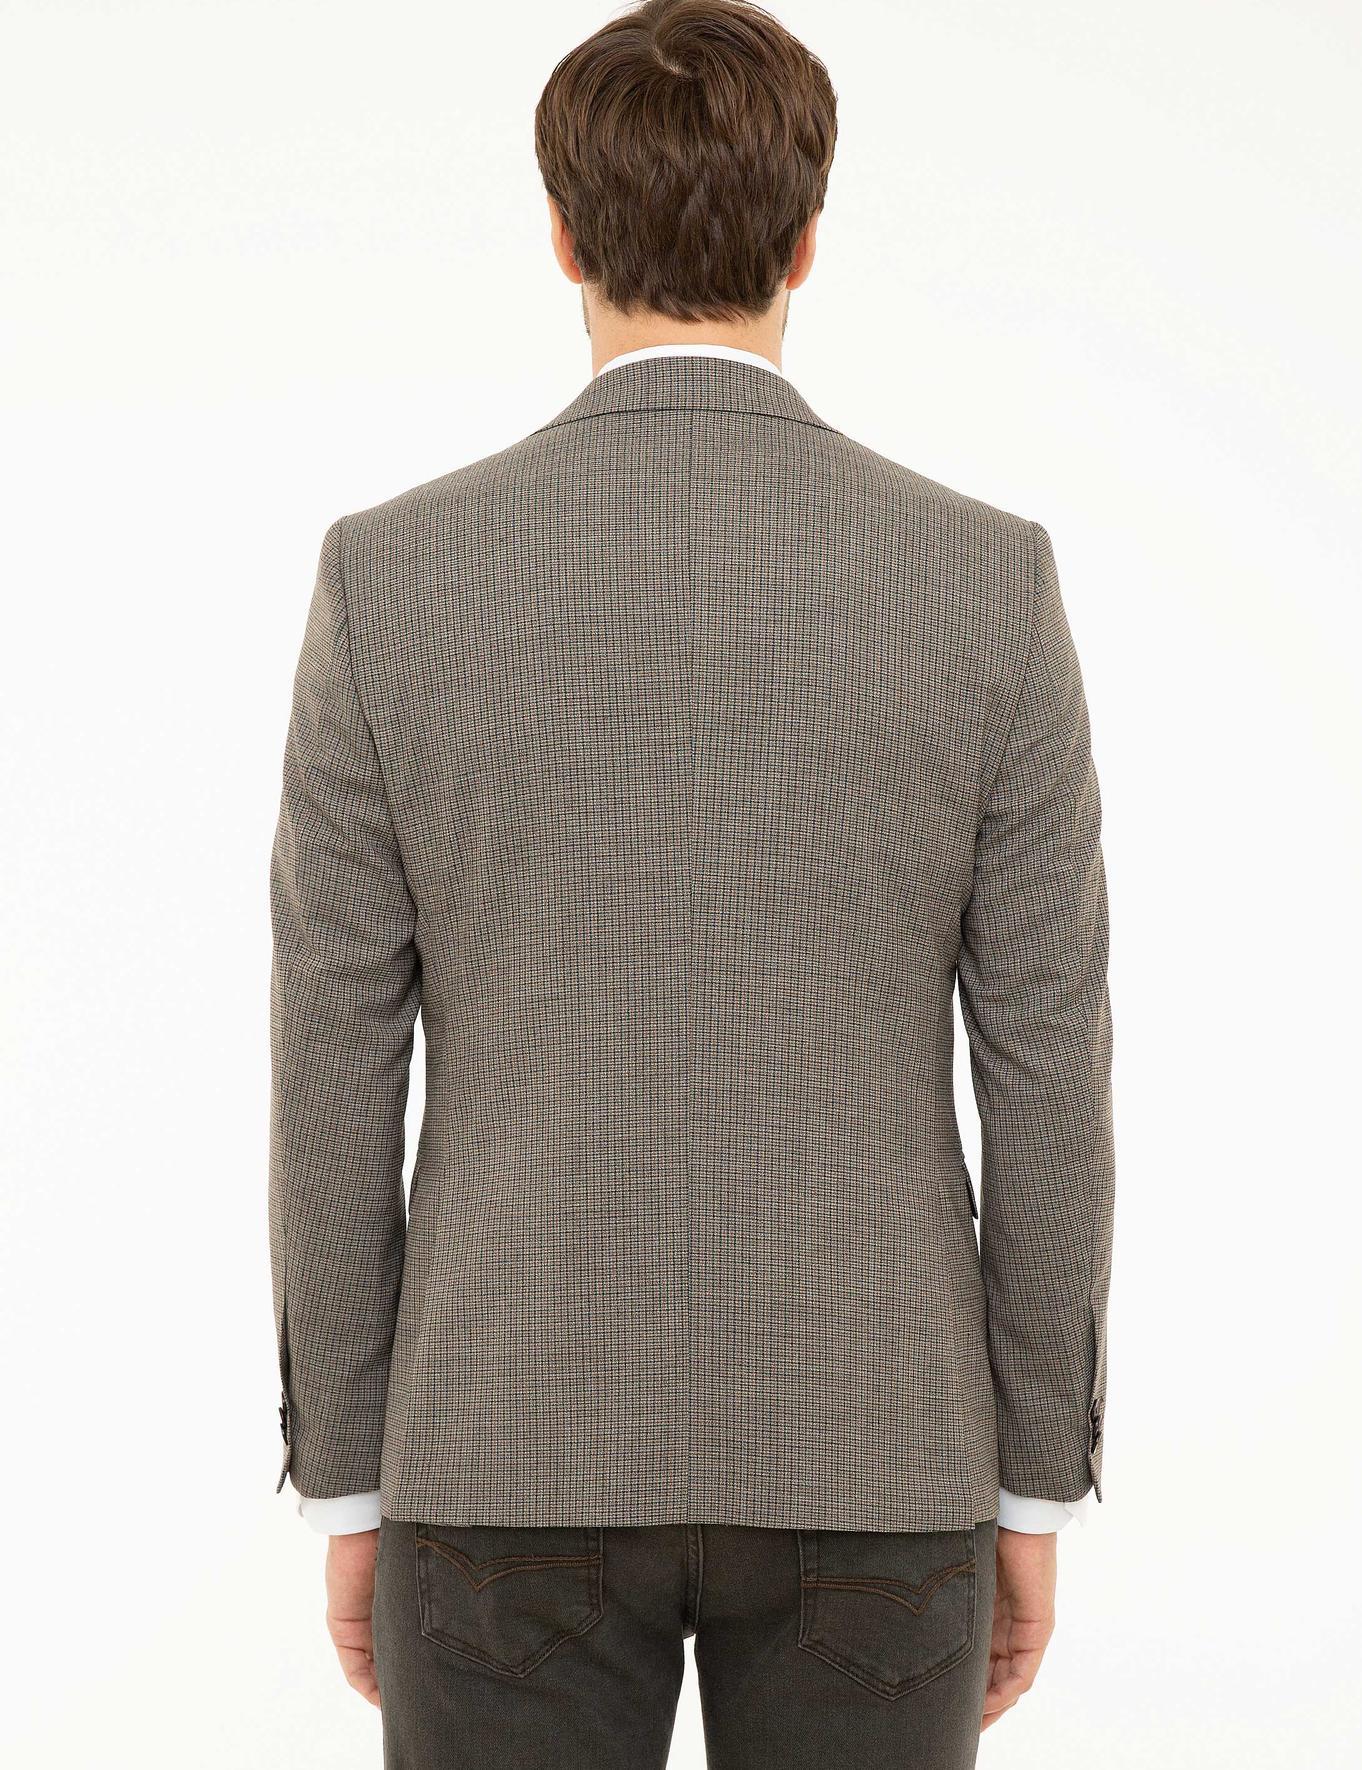 Kahverengi Slim Fit Ceket - 50220989002